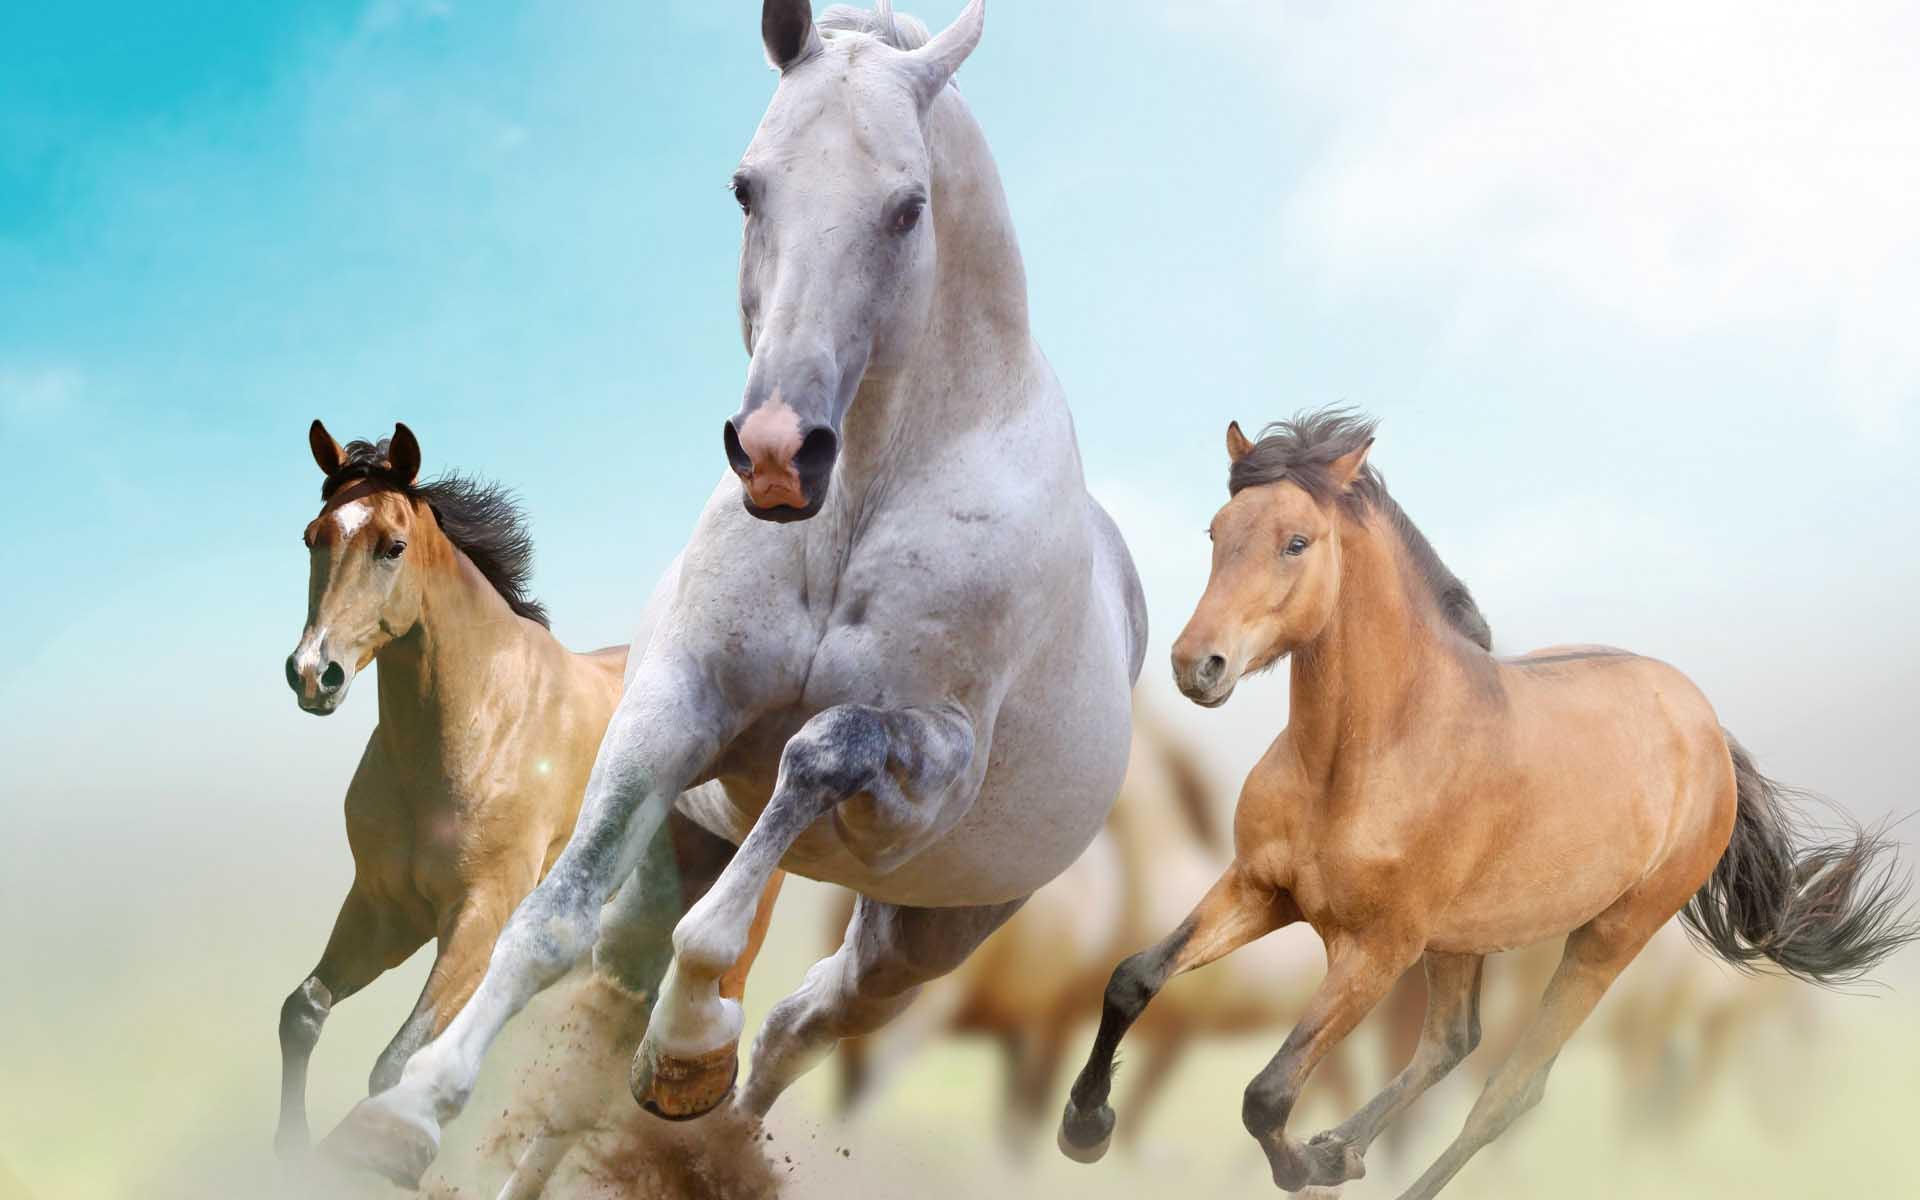 Race Horse Wallpaper - WallpaperSafari